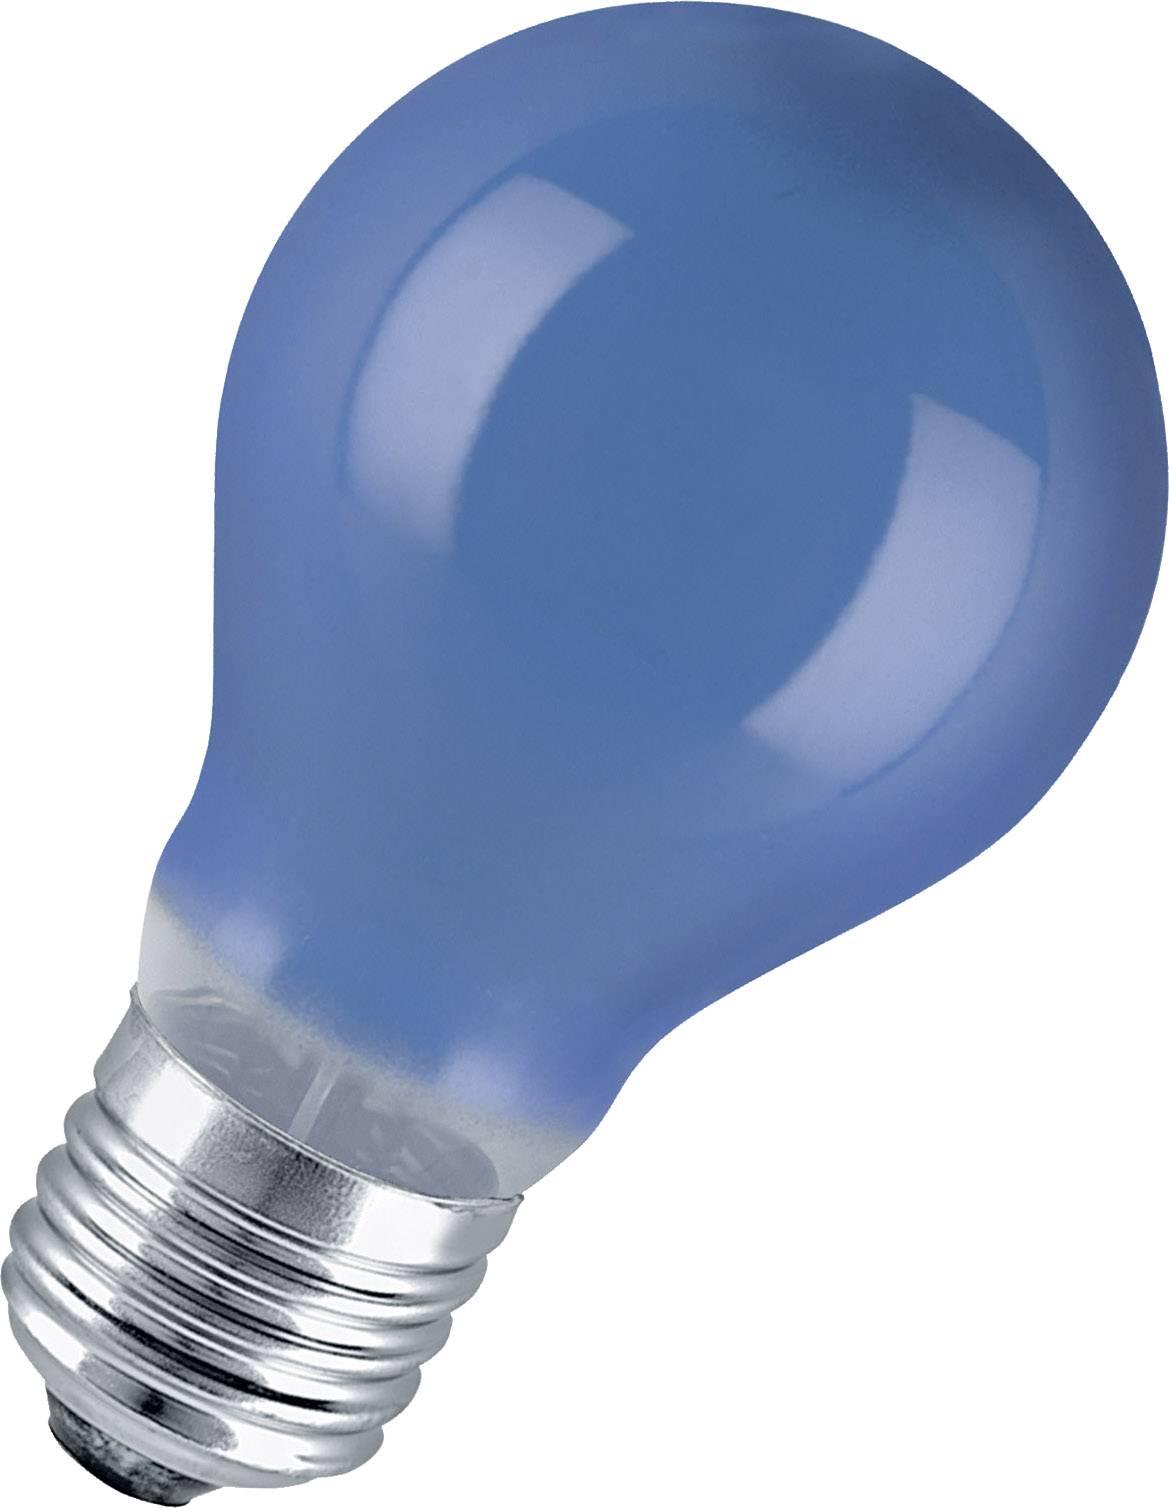 Žiarovka OSRAM 4008321545862, E27, 230 V, 11 W, modrá, 1 ks